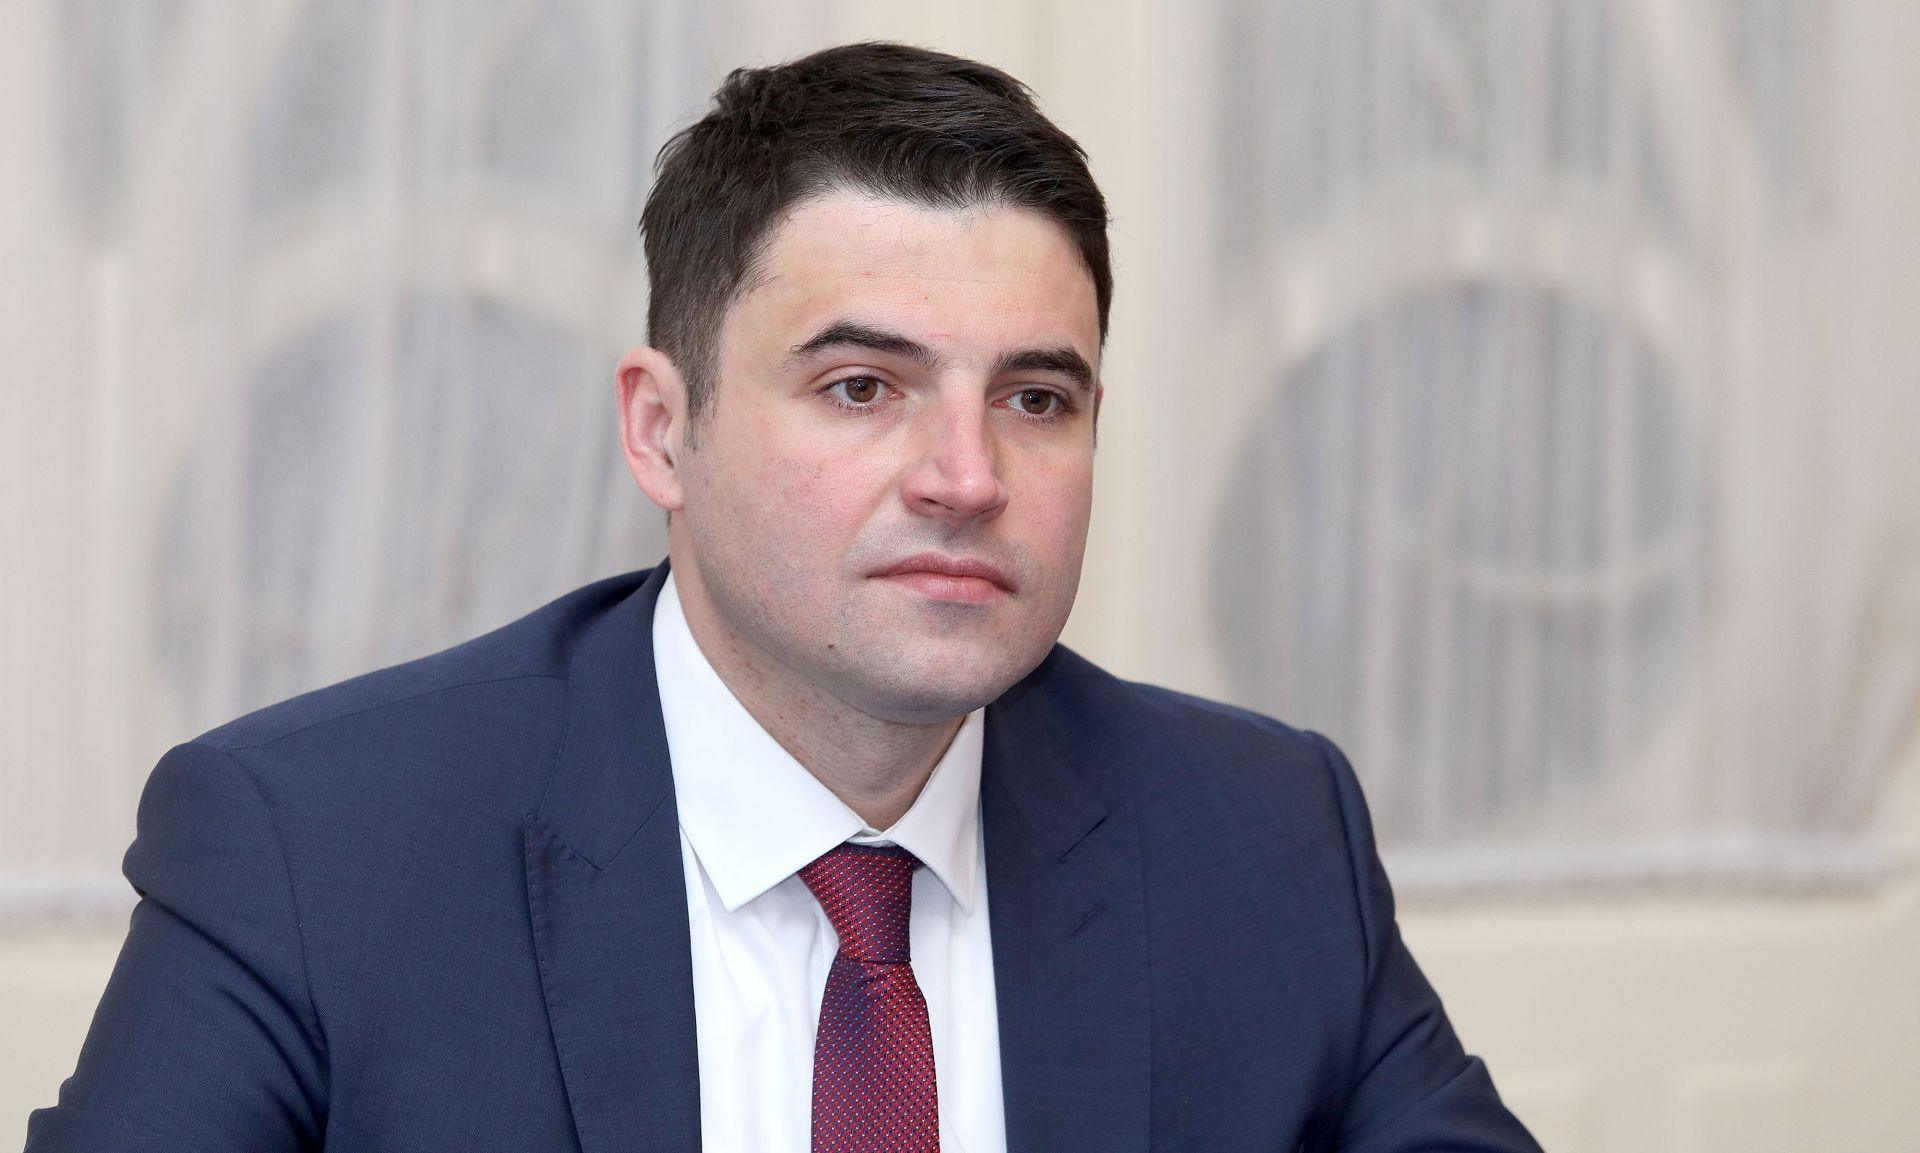 BERNARDIĆ 'Za izbor zagrebačkog gradonačelnika potrebno je jedinstvo ljevice, svi trebaju napraviti korak natrag'